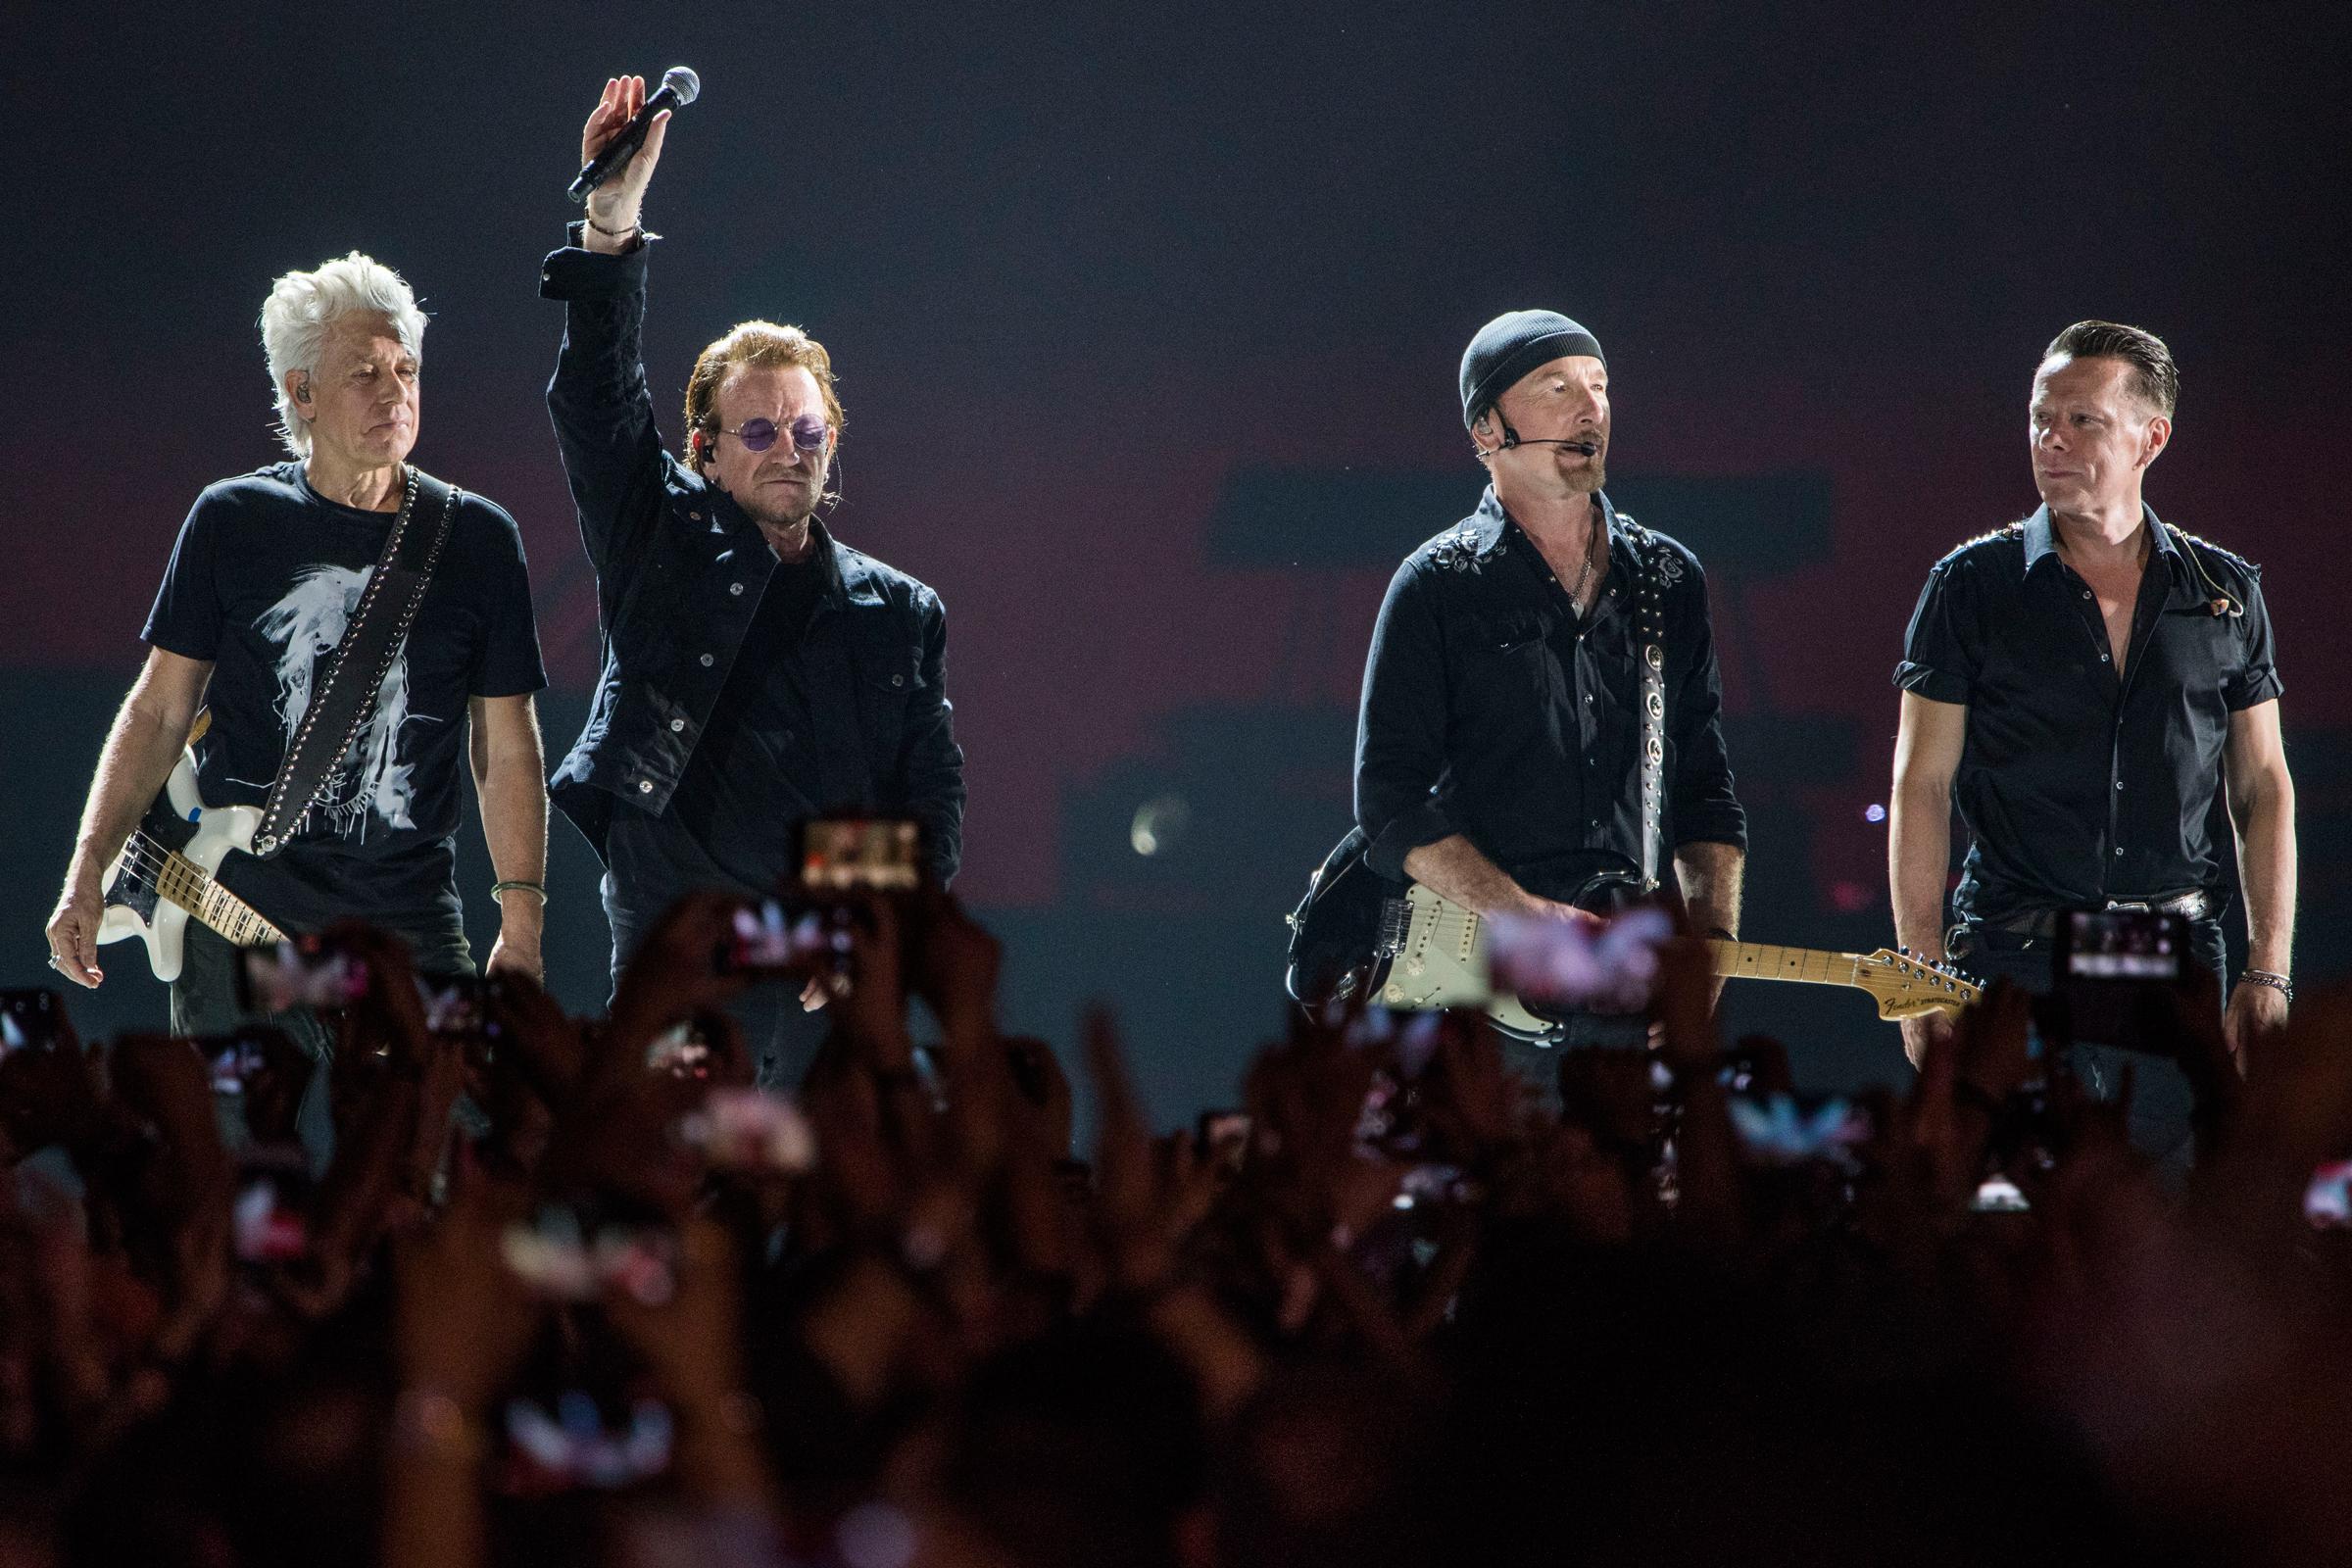 ¡No te lo puedes perder! U2 transmitirá un concierto de la gira Vertigo